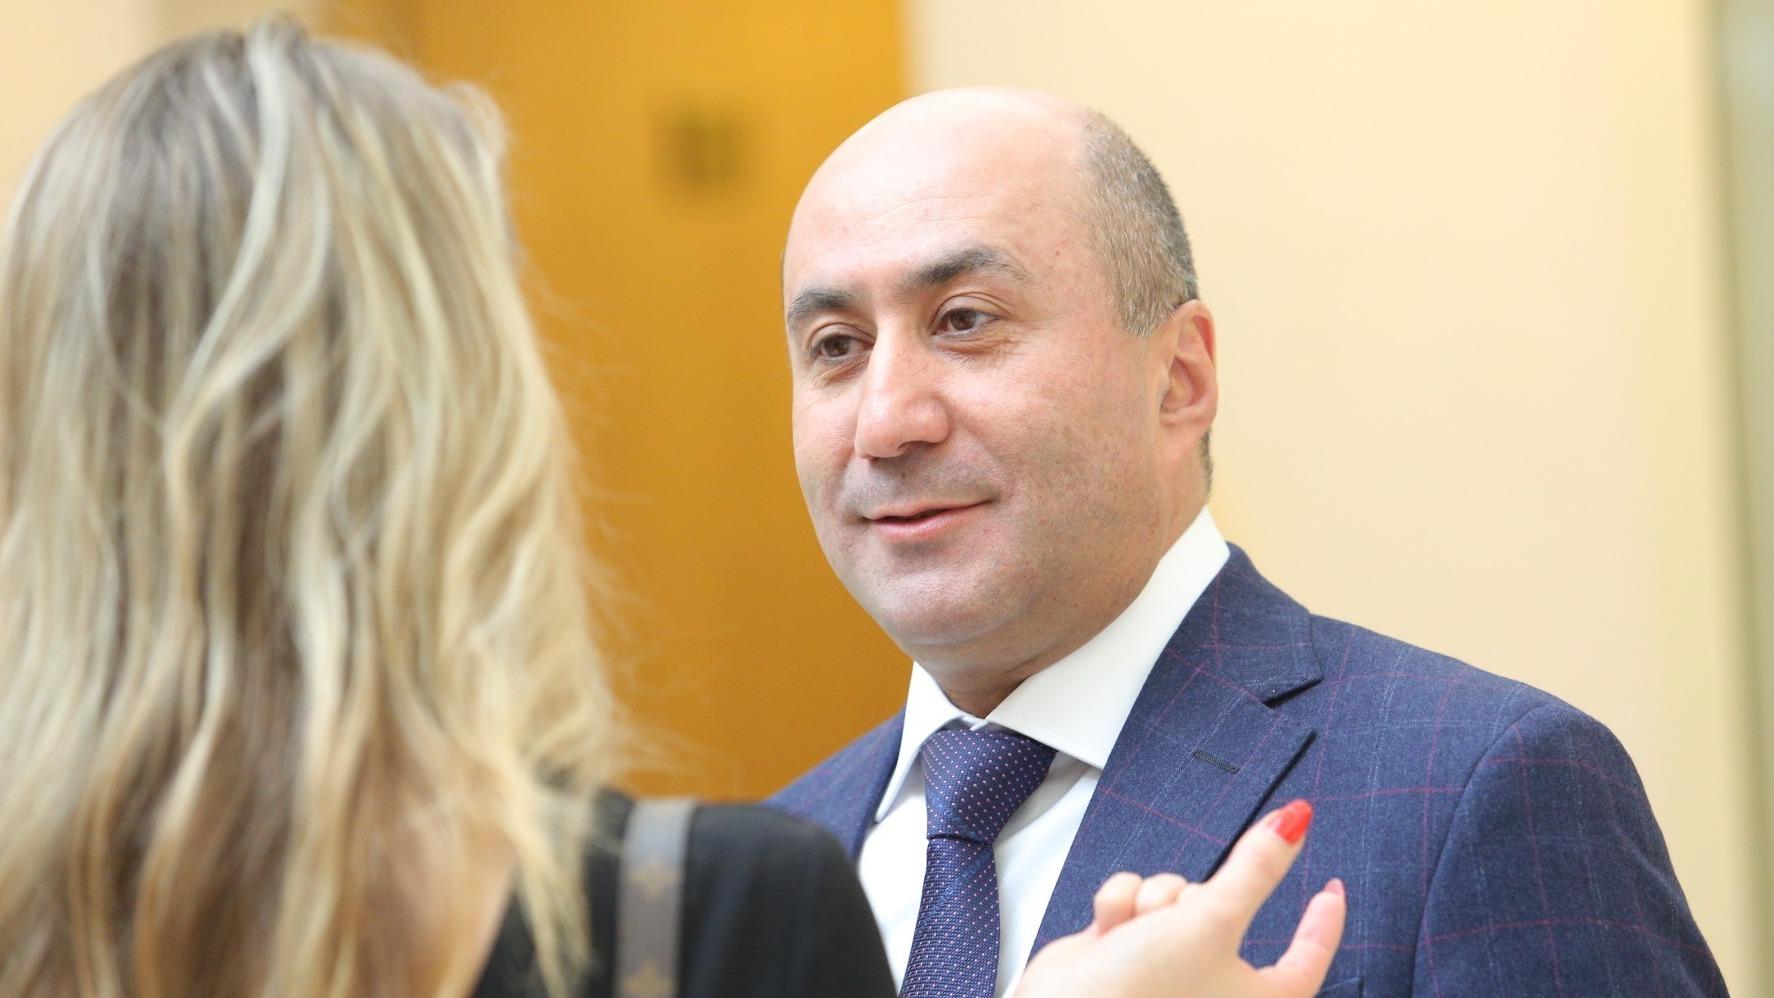 Депутат, которого мы потеряли. Чем запомнился уволенный Армен Карапетян